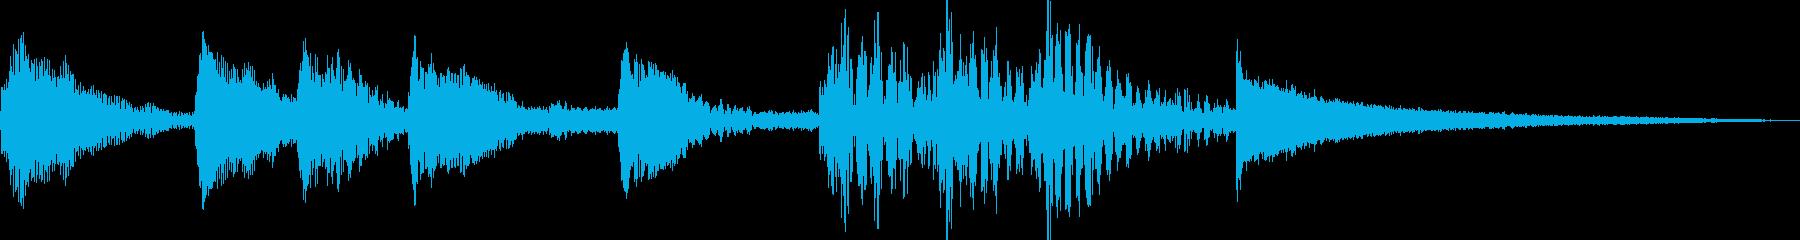 ホンワカジングル(ピチカートとチーン)の再生済みの波形